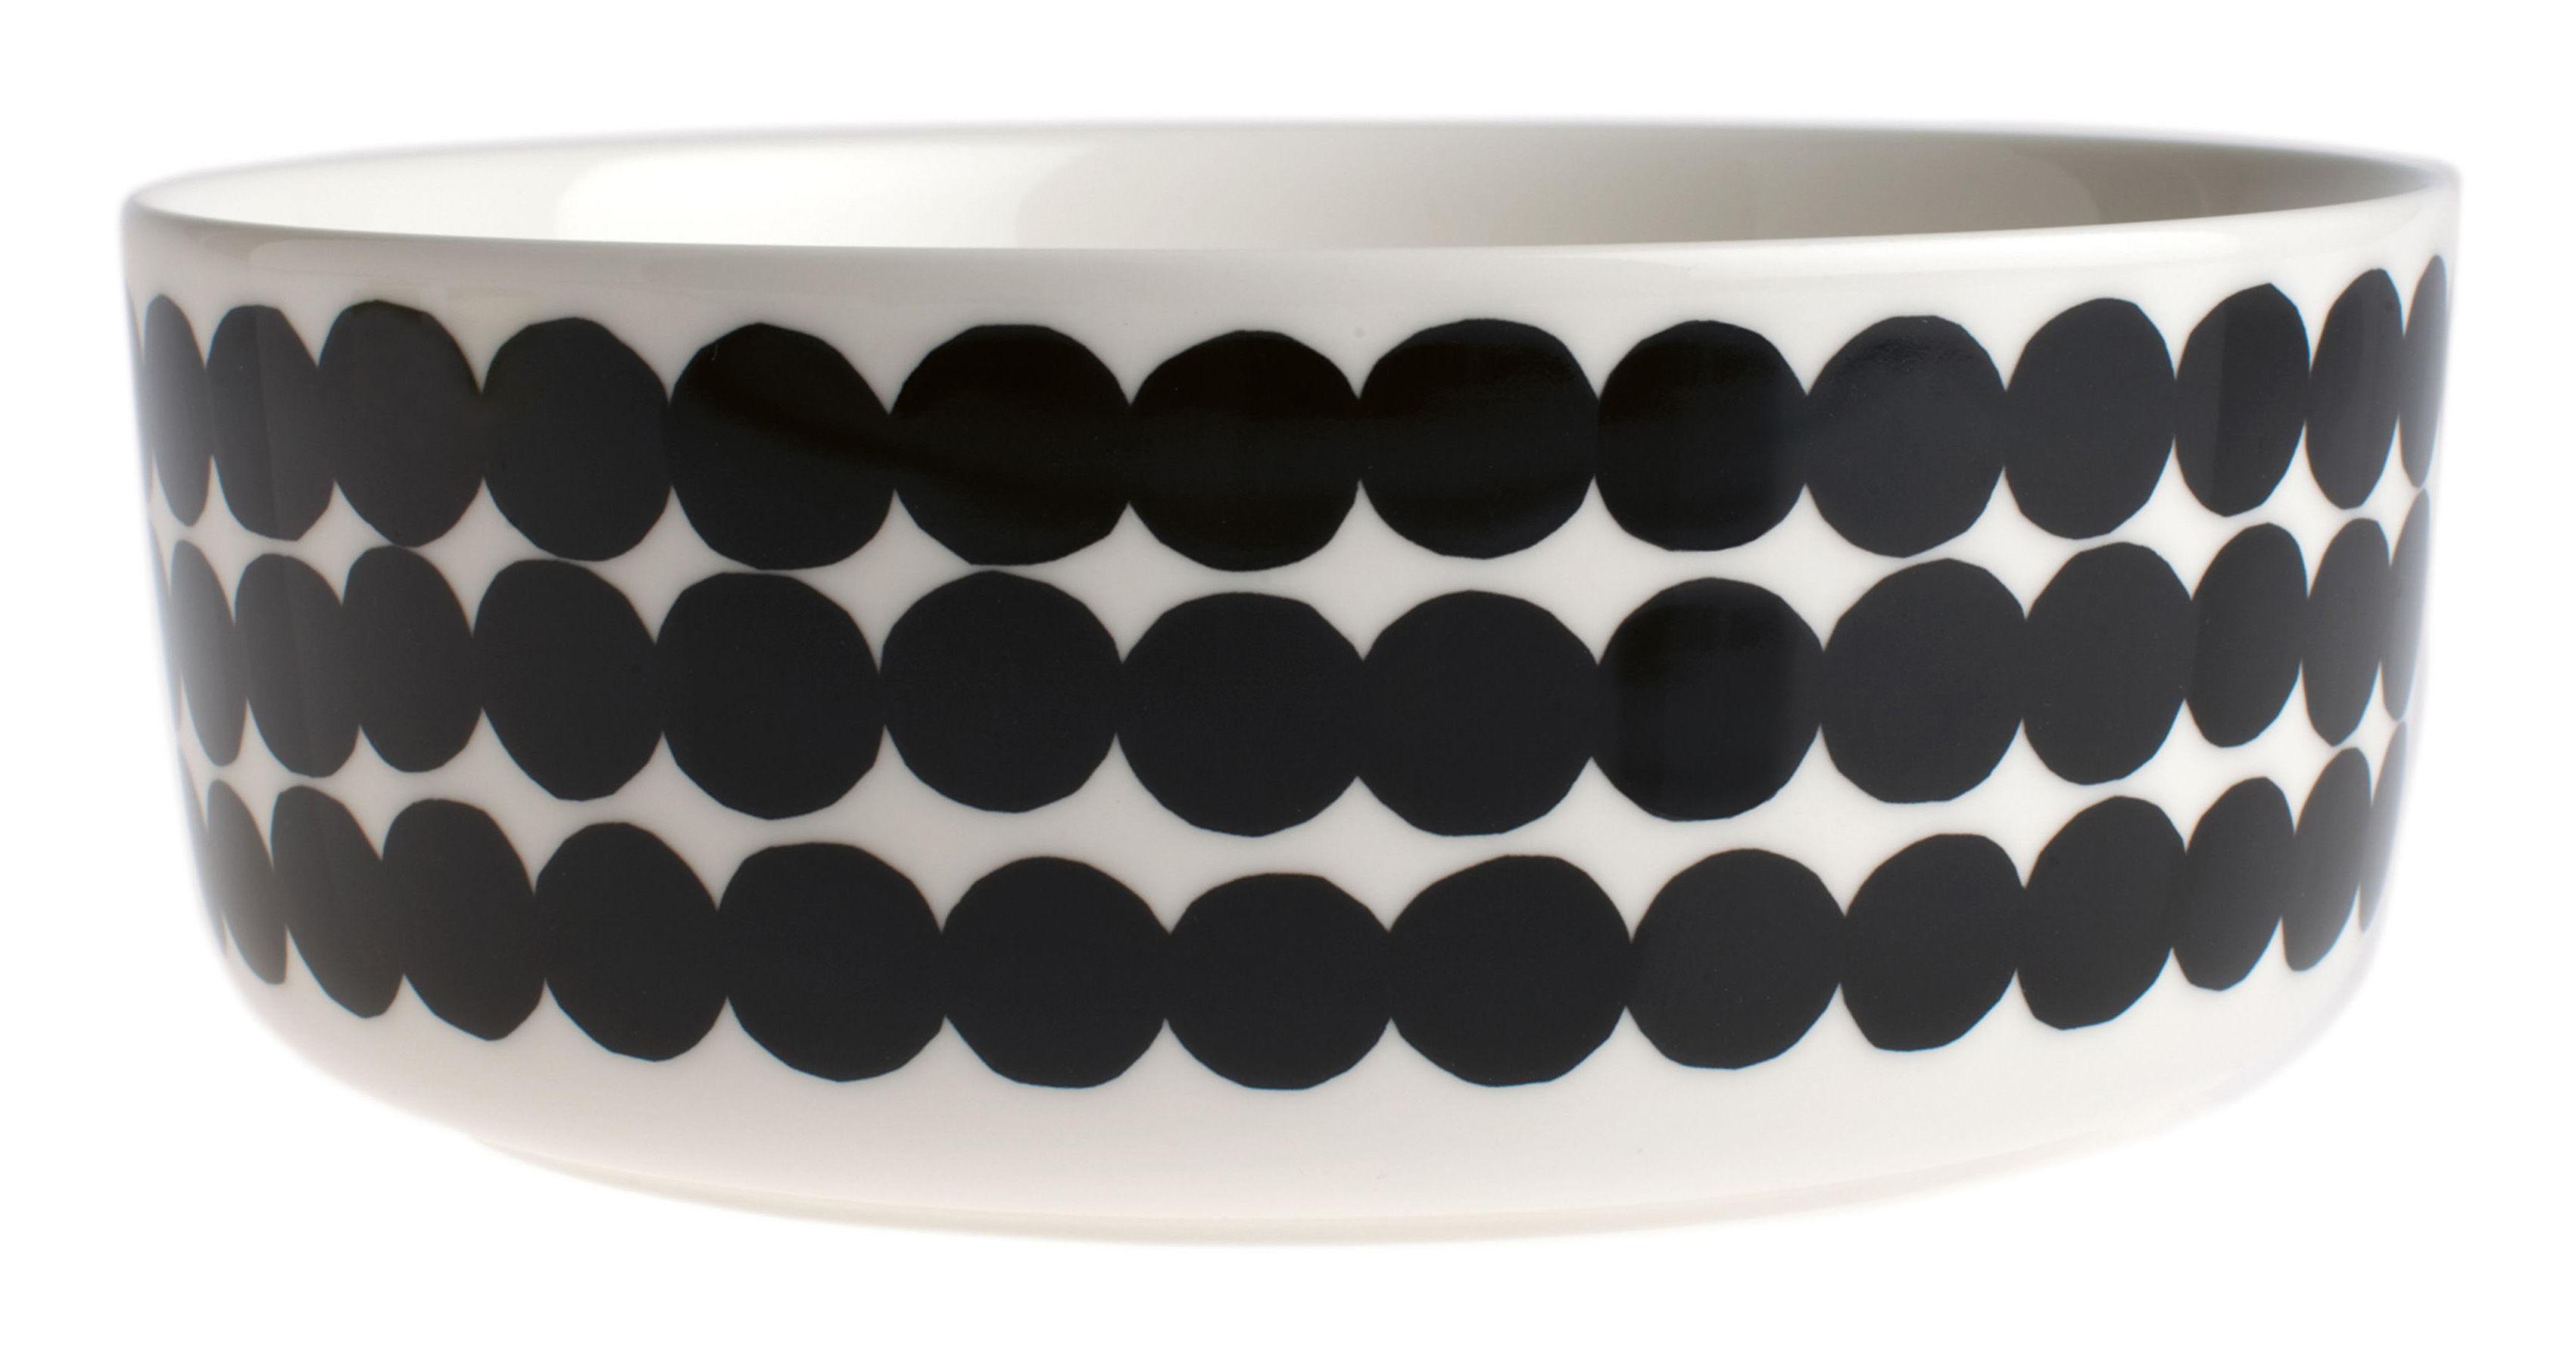 Arts de la table - Saladiers, coupes et bols - Bol Siirtolapuutarha / Ø 20 cm - Marimekko - Siirtolapuutarha / Noir & blanc - Porcelaine émaillée